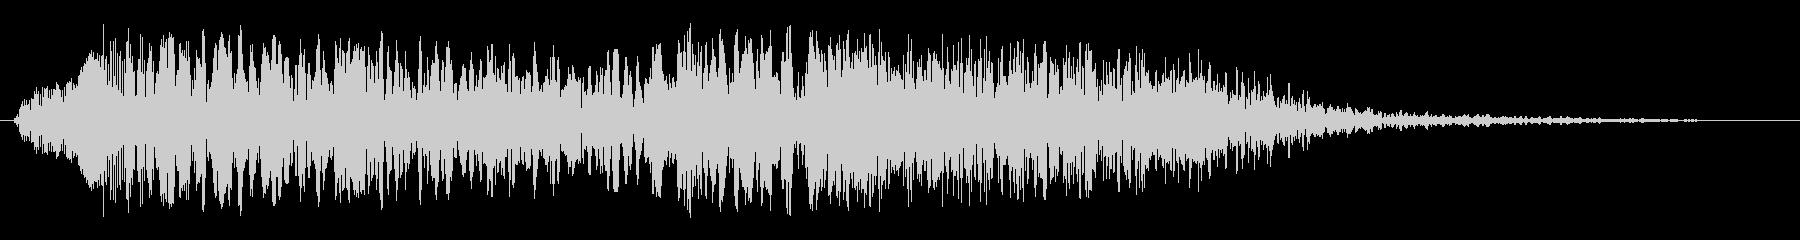 ビューンビョビョ(移動する効果音)の未再生の波形